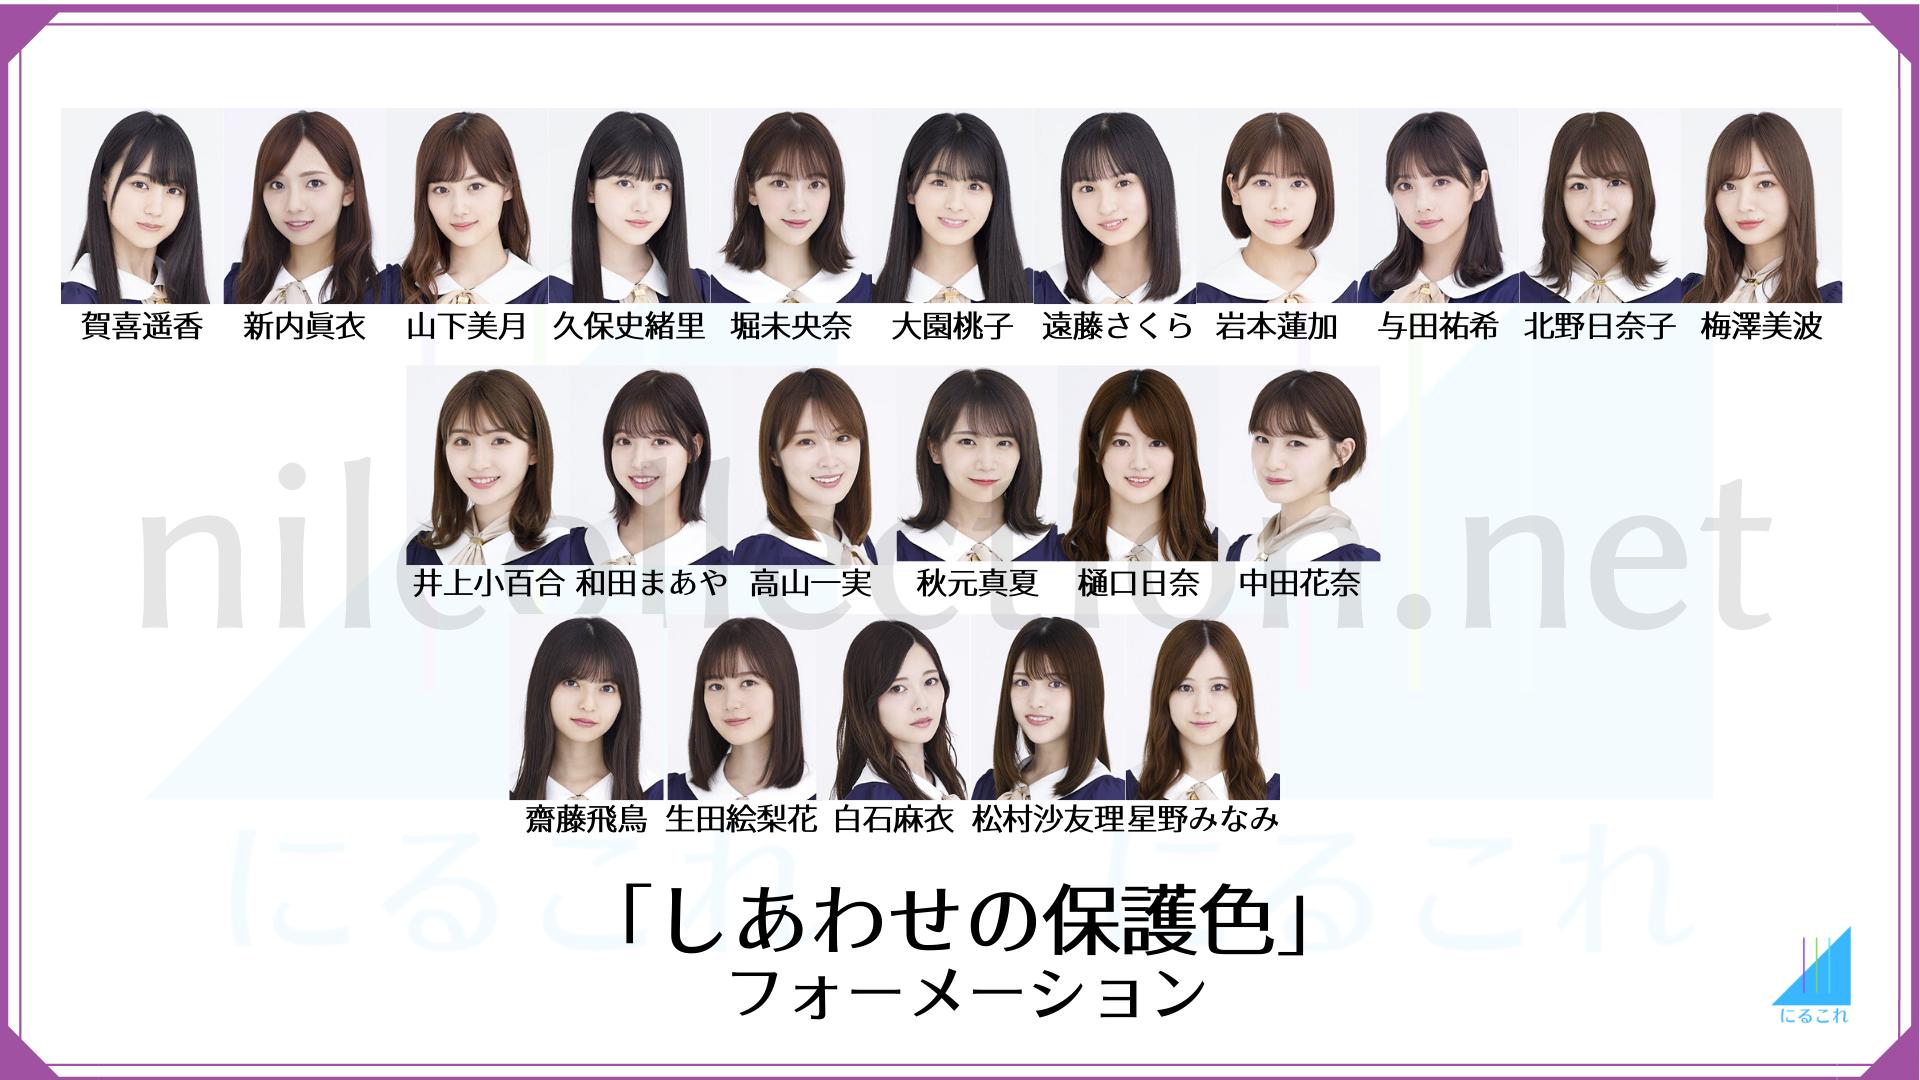 しあわせの保護色のフォーメーション 乃木坂46 25thシングル